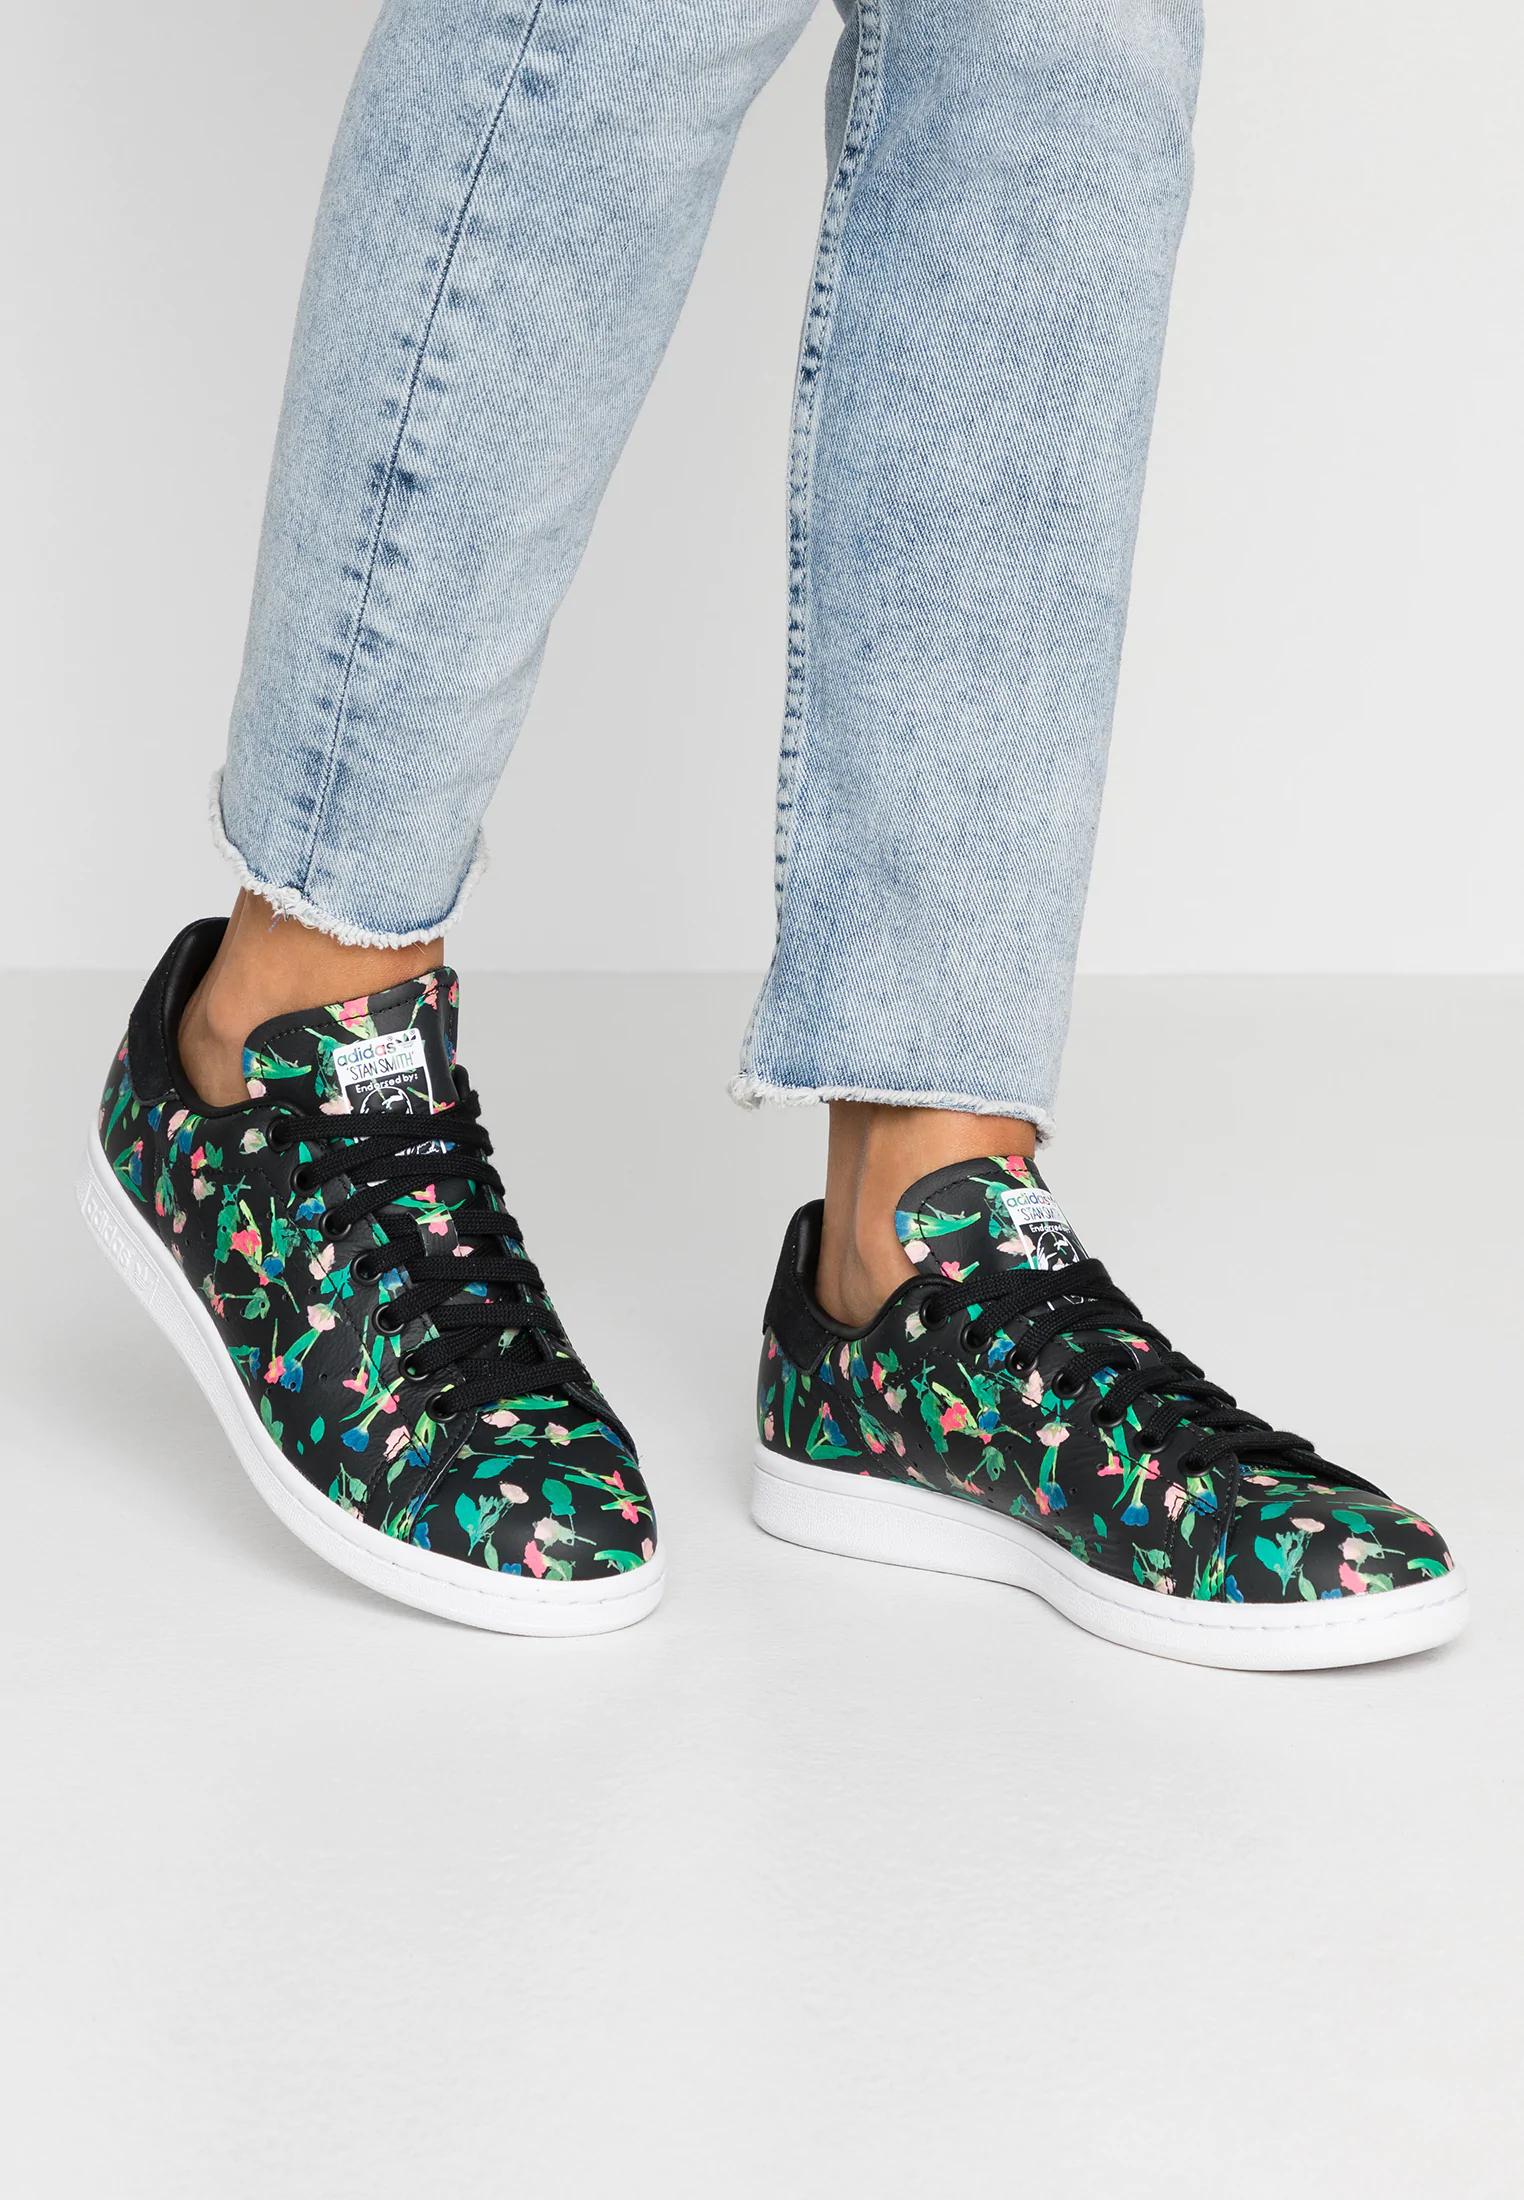 Adidas stan smith van 99,95 voor 59,95 bij zalando